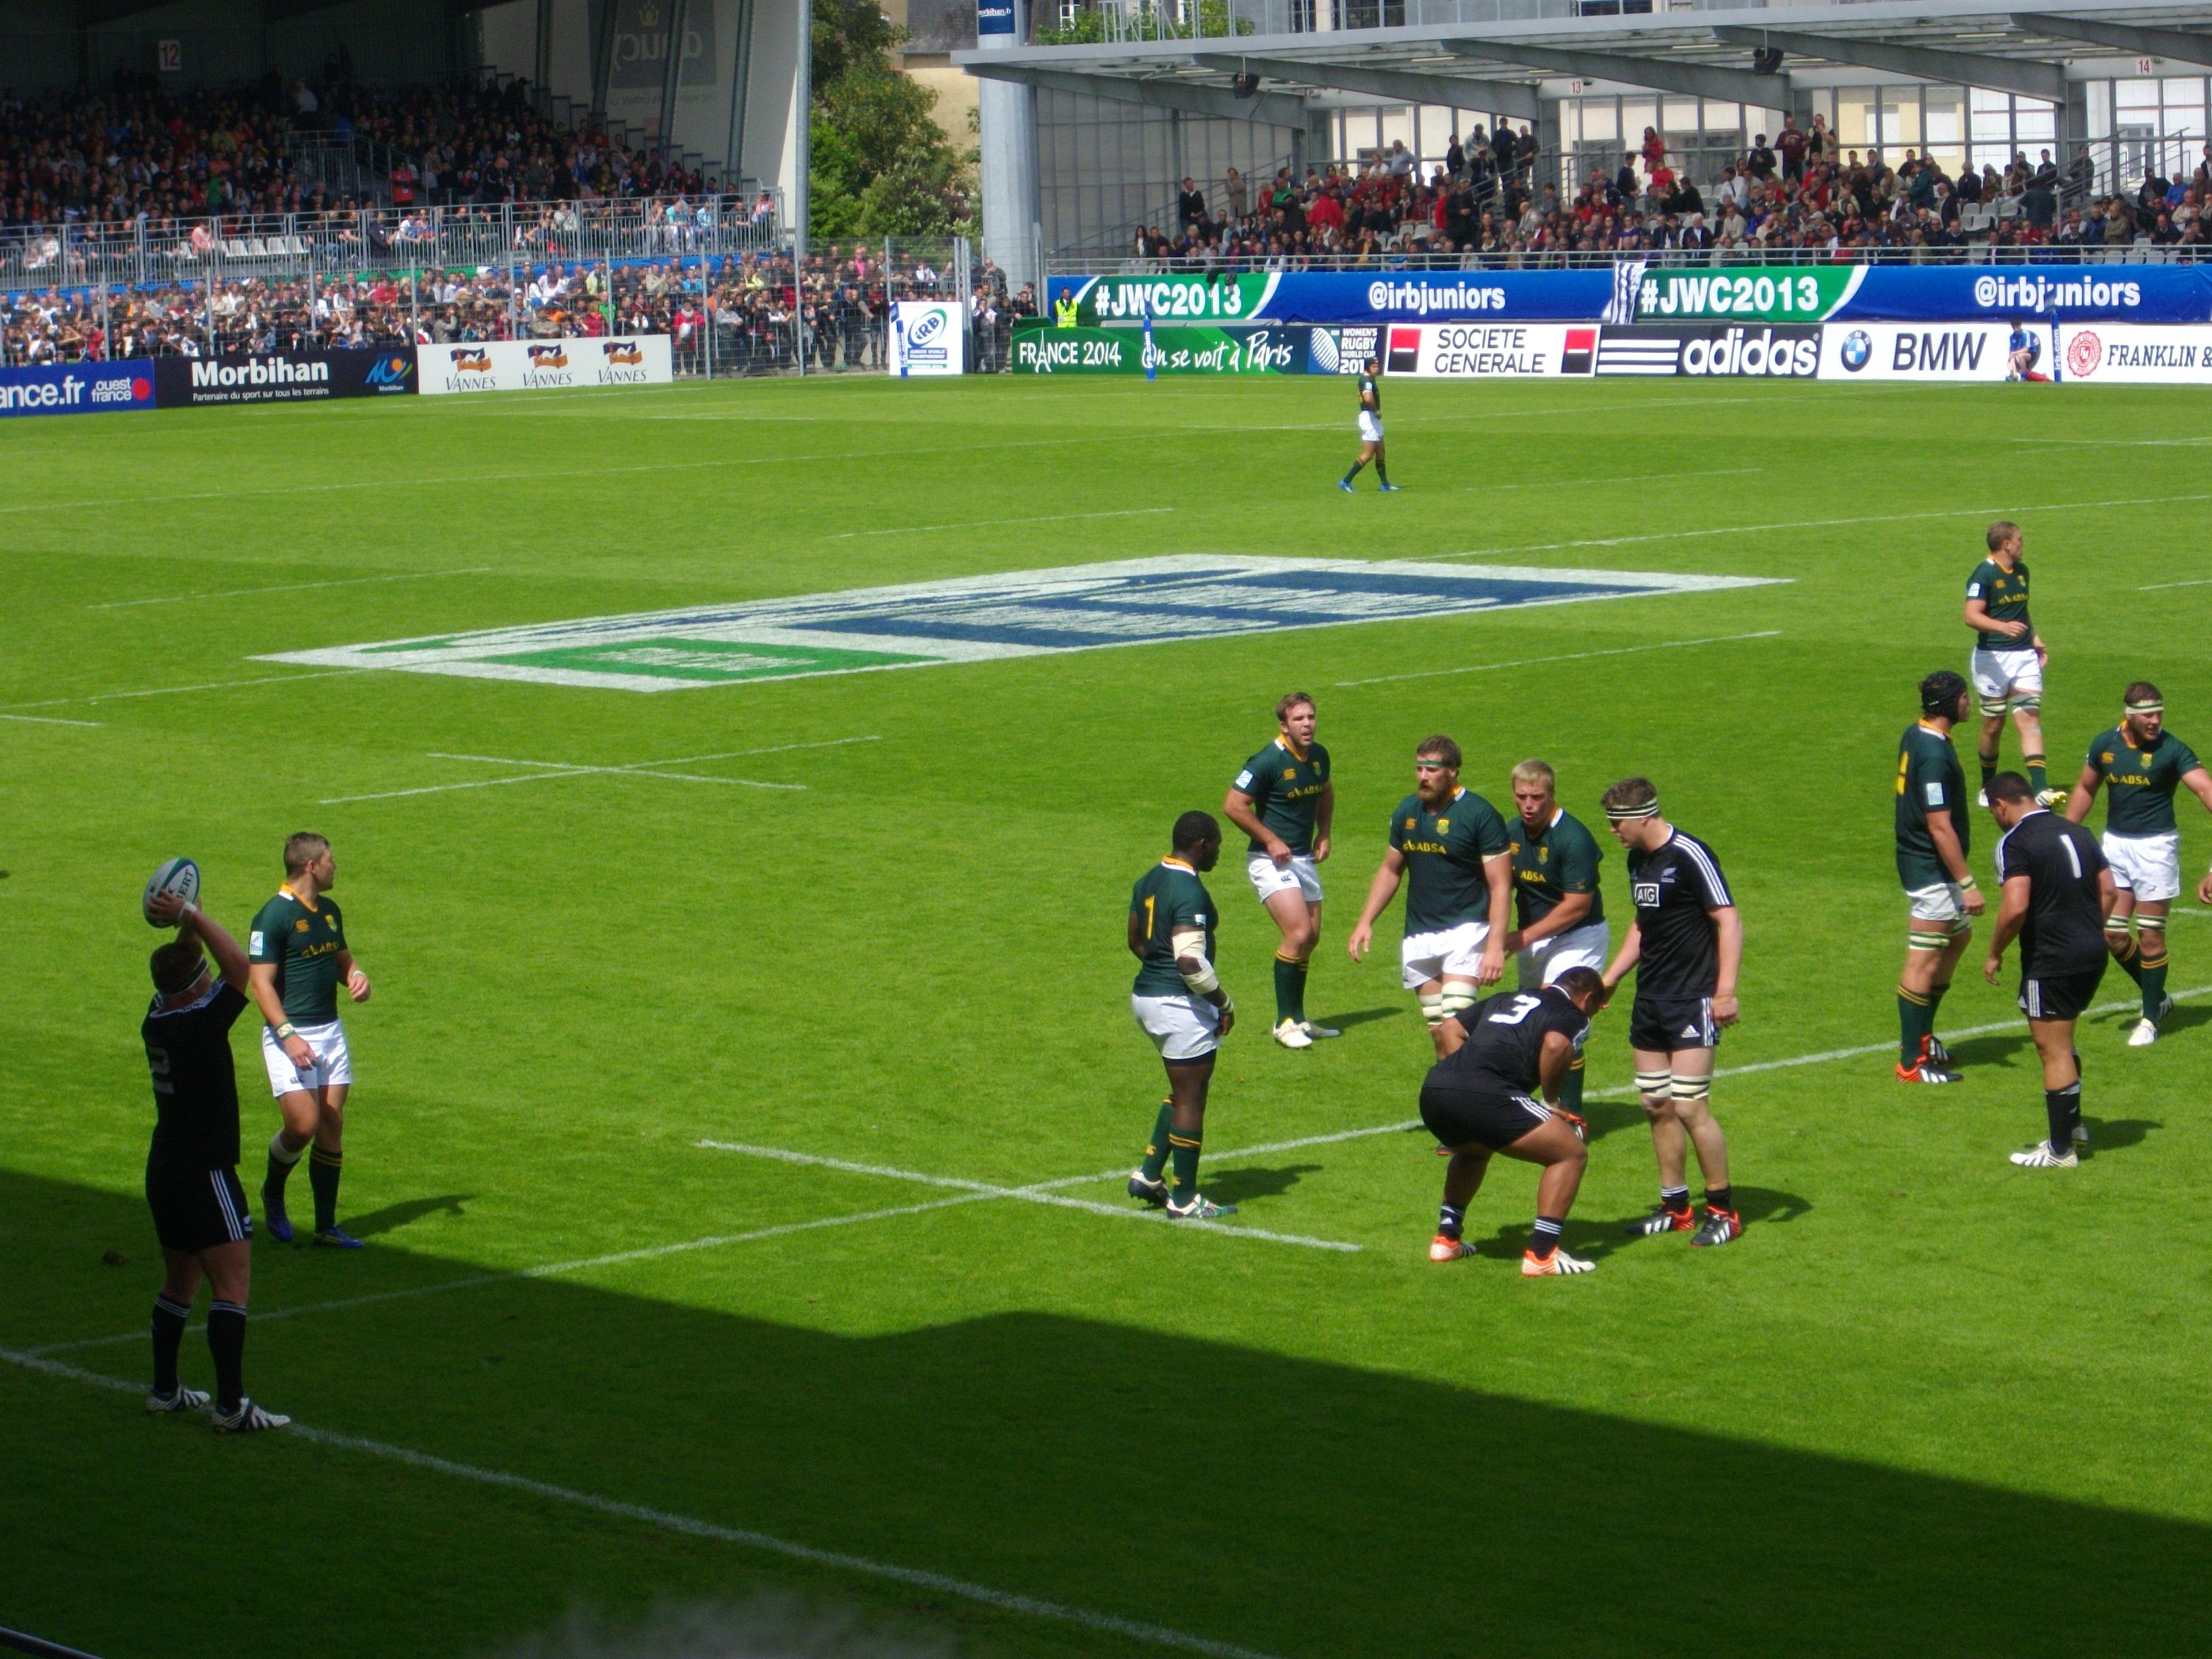 File coupe du monde junior de rugby xv 2013 3e place 6 jpg wikimedia commons - Place de rugby coupe du monde ...